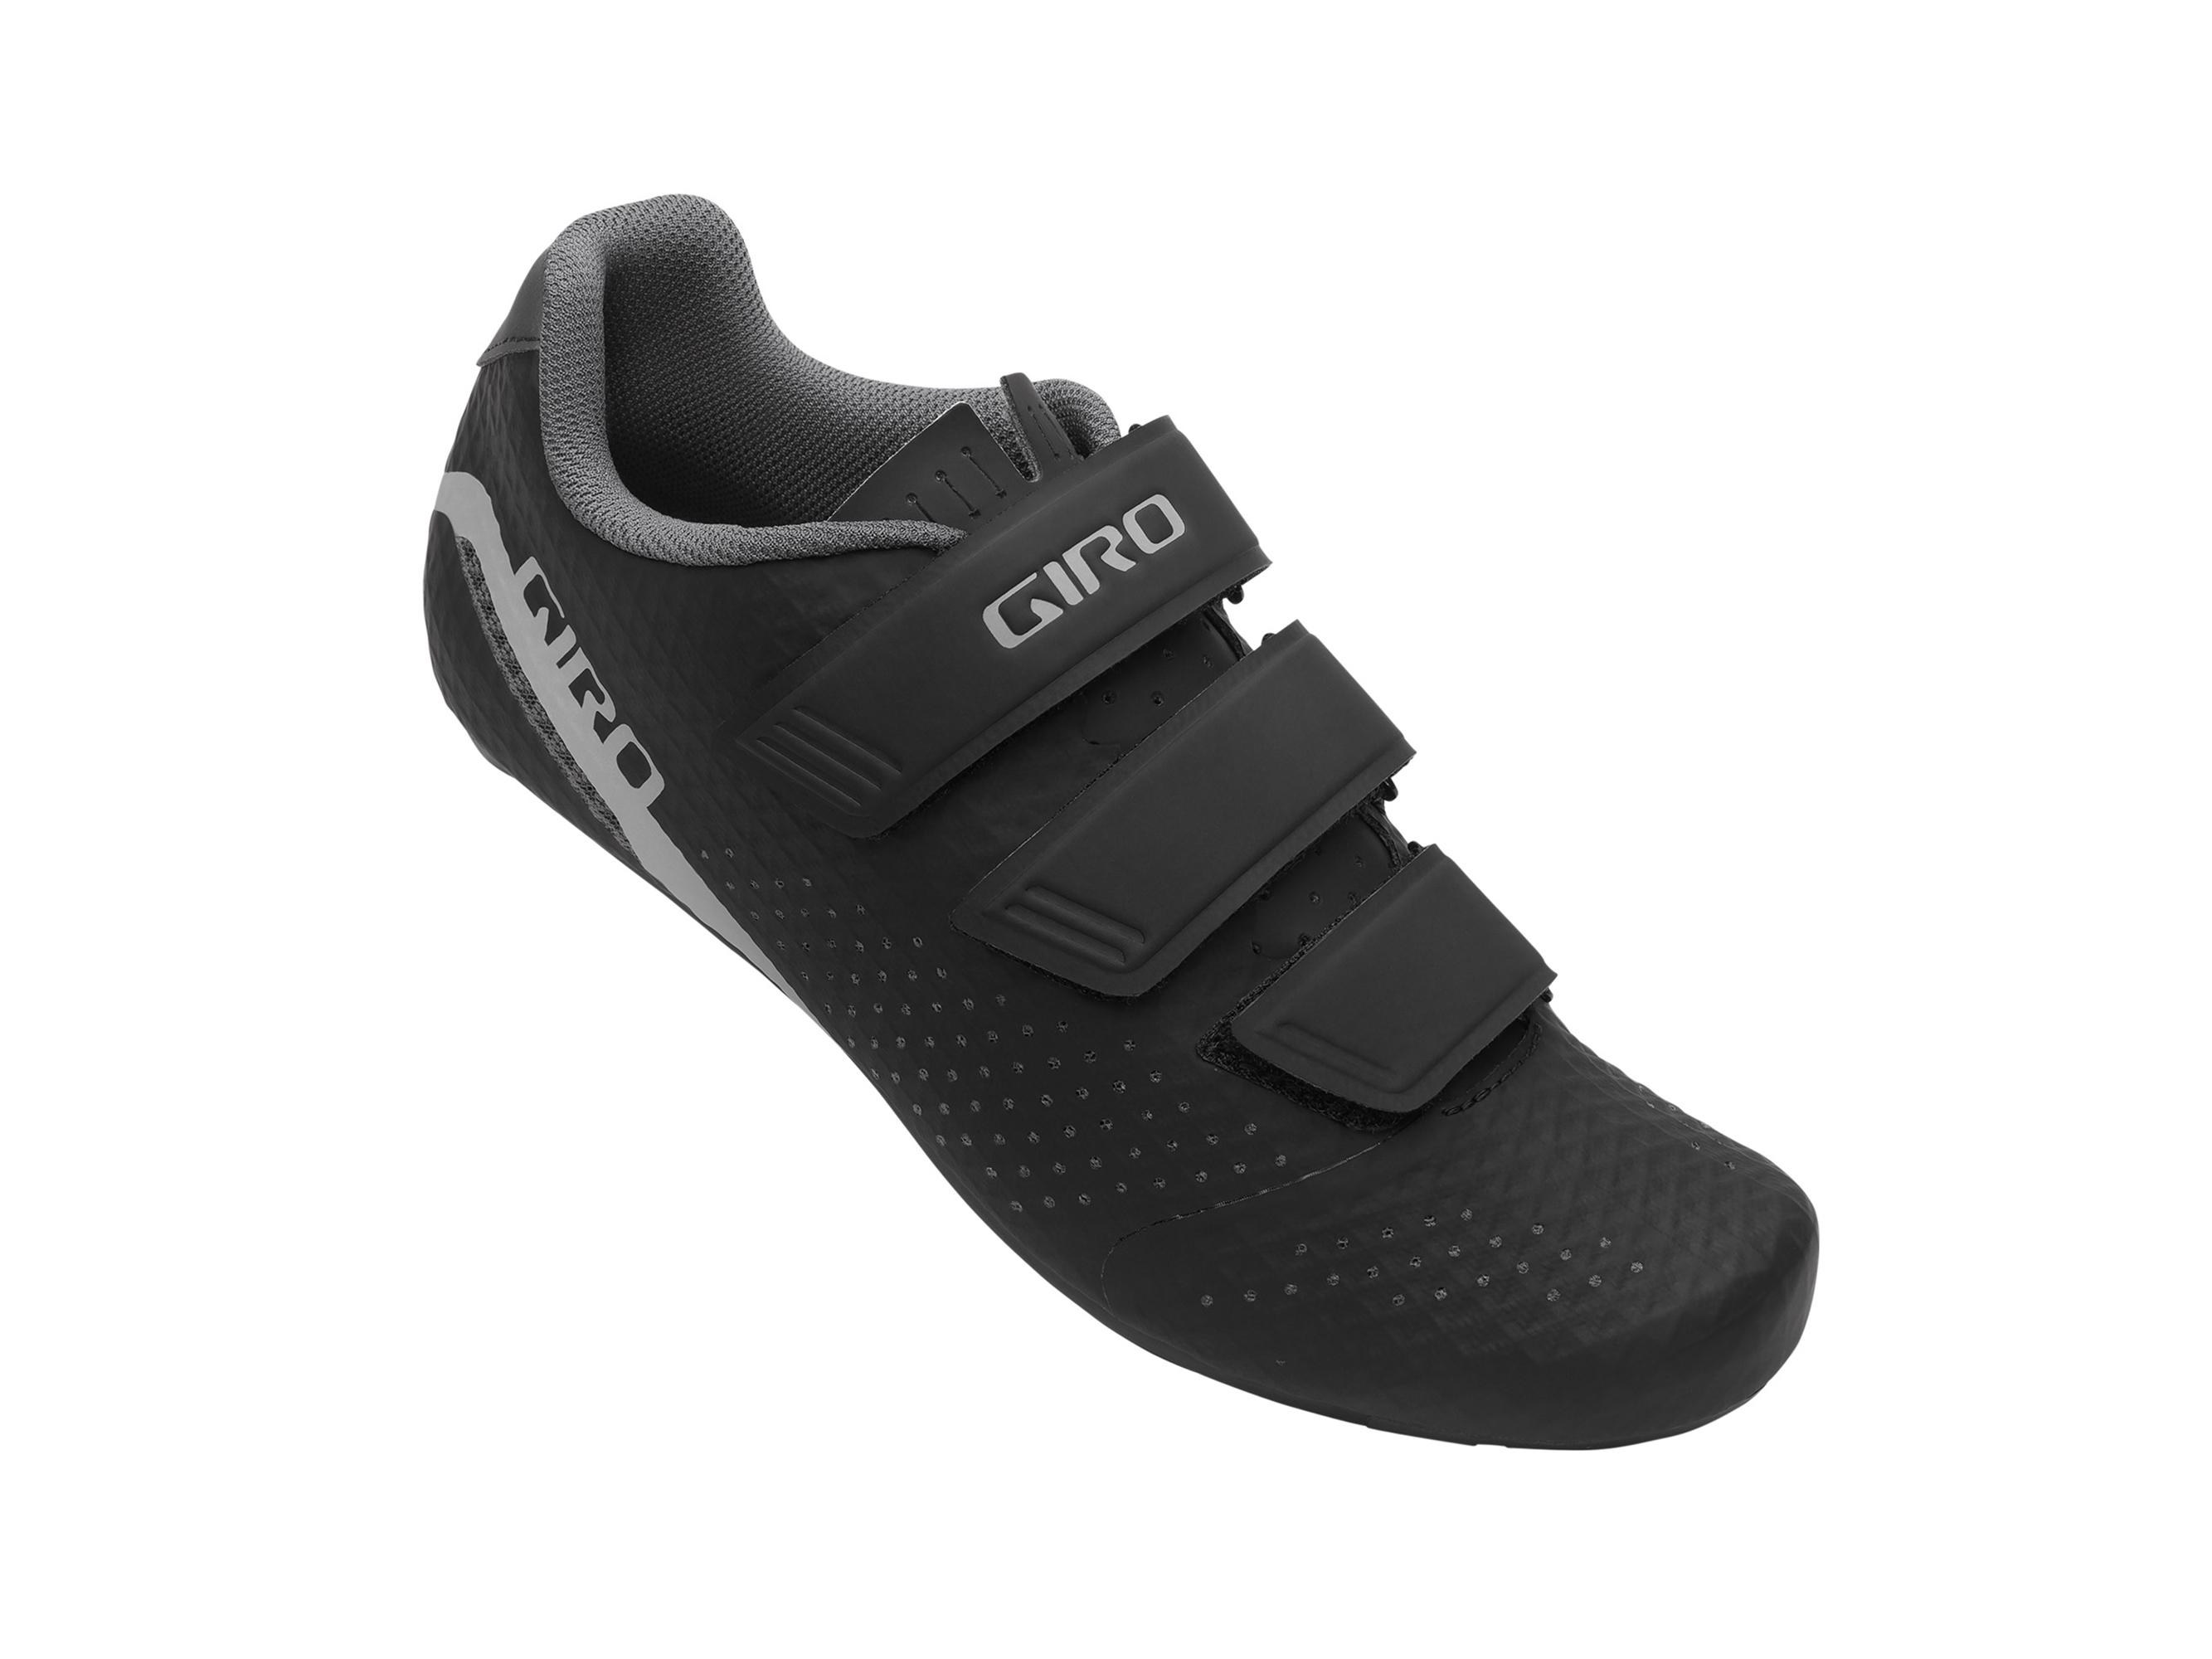 Giro Stylus W Svart 40